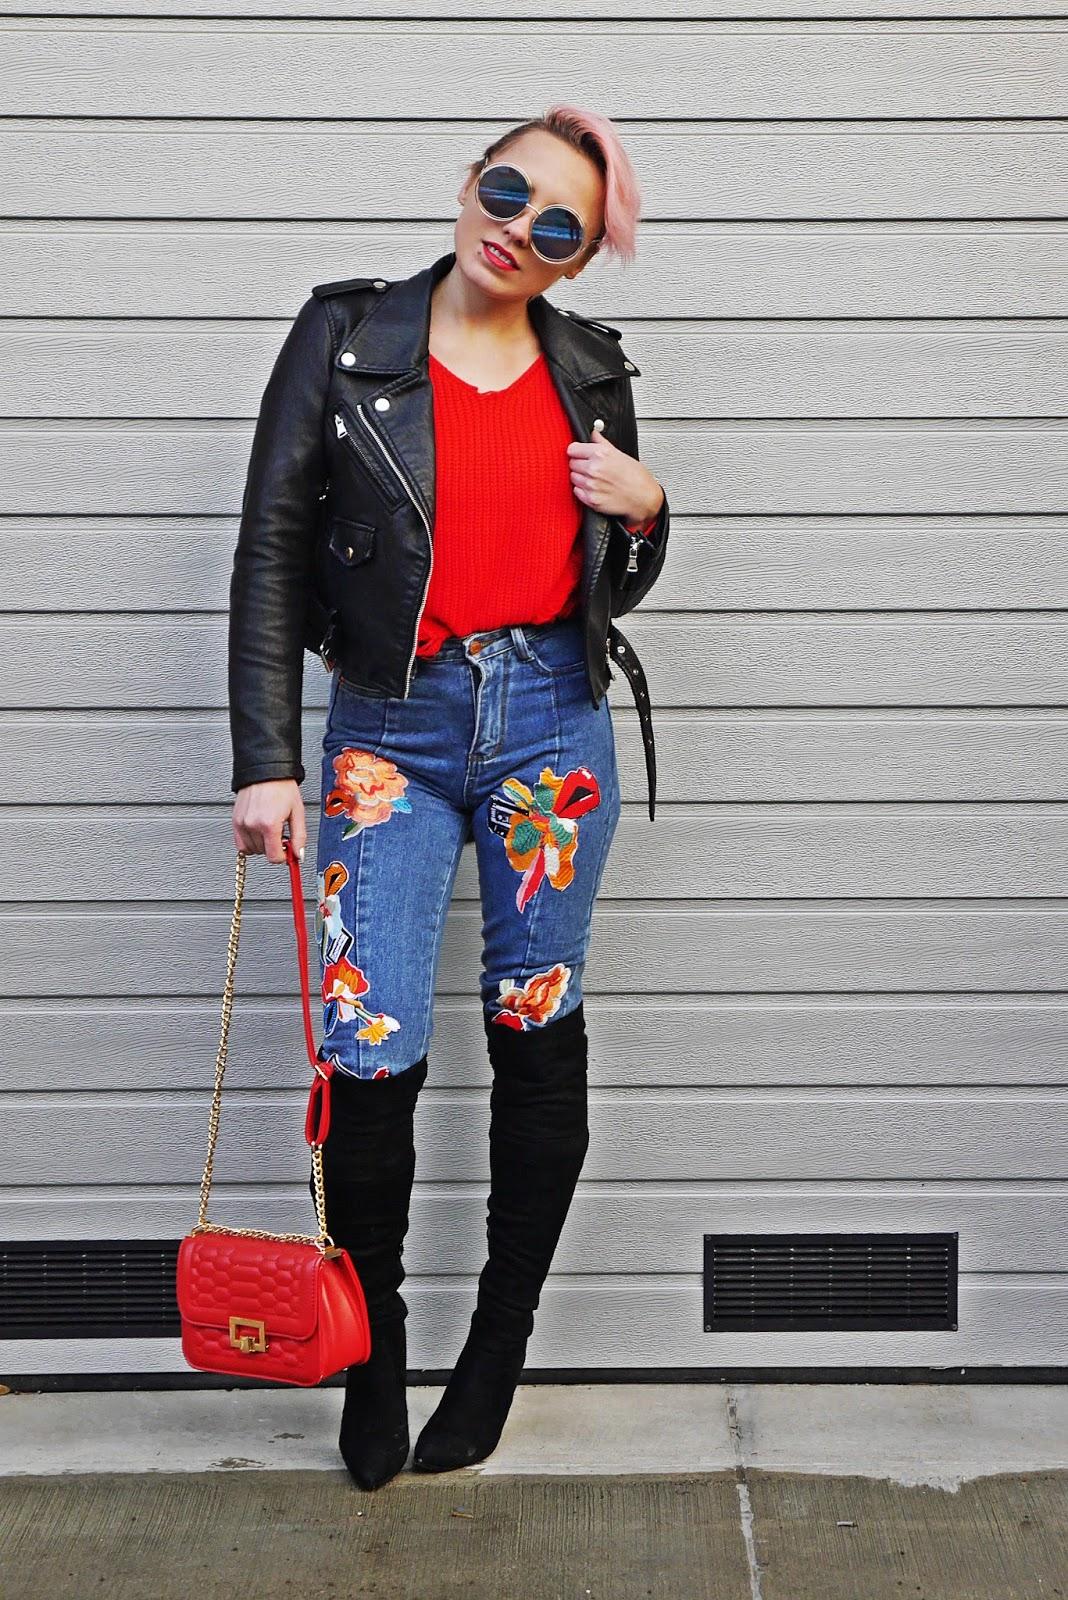 blogerka_modowa_spodnie_naszywki_look_outfit_karyn_150217